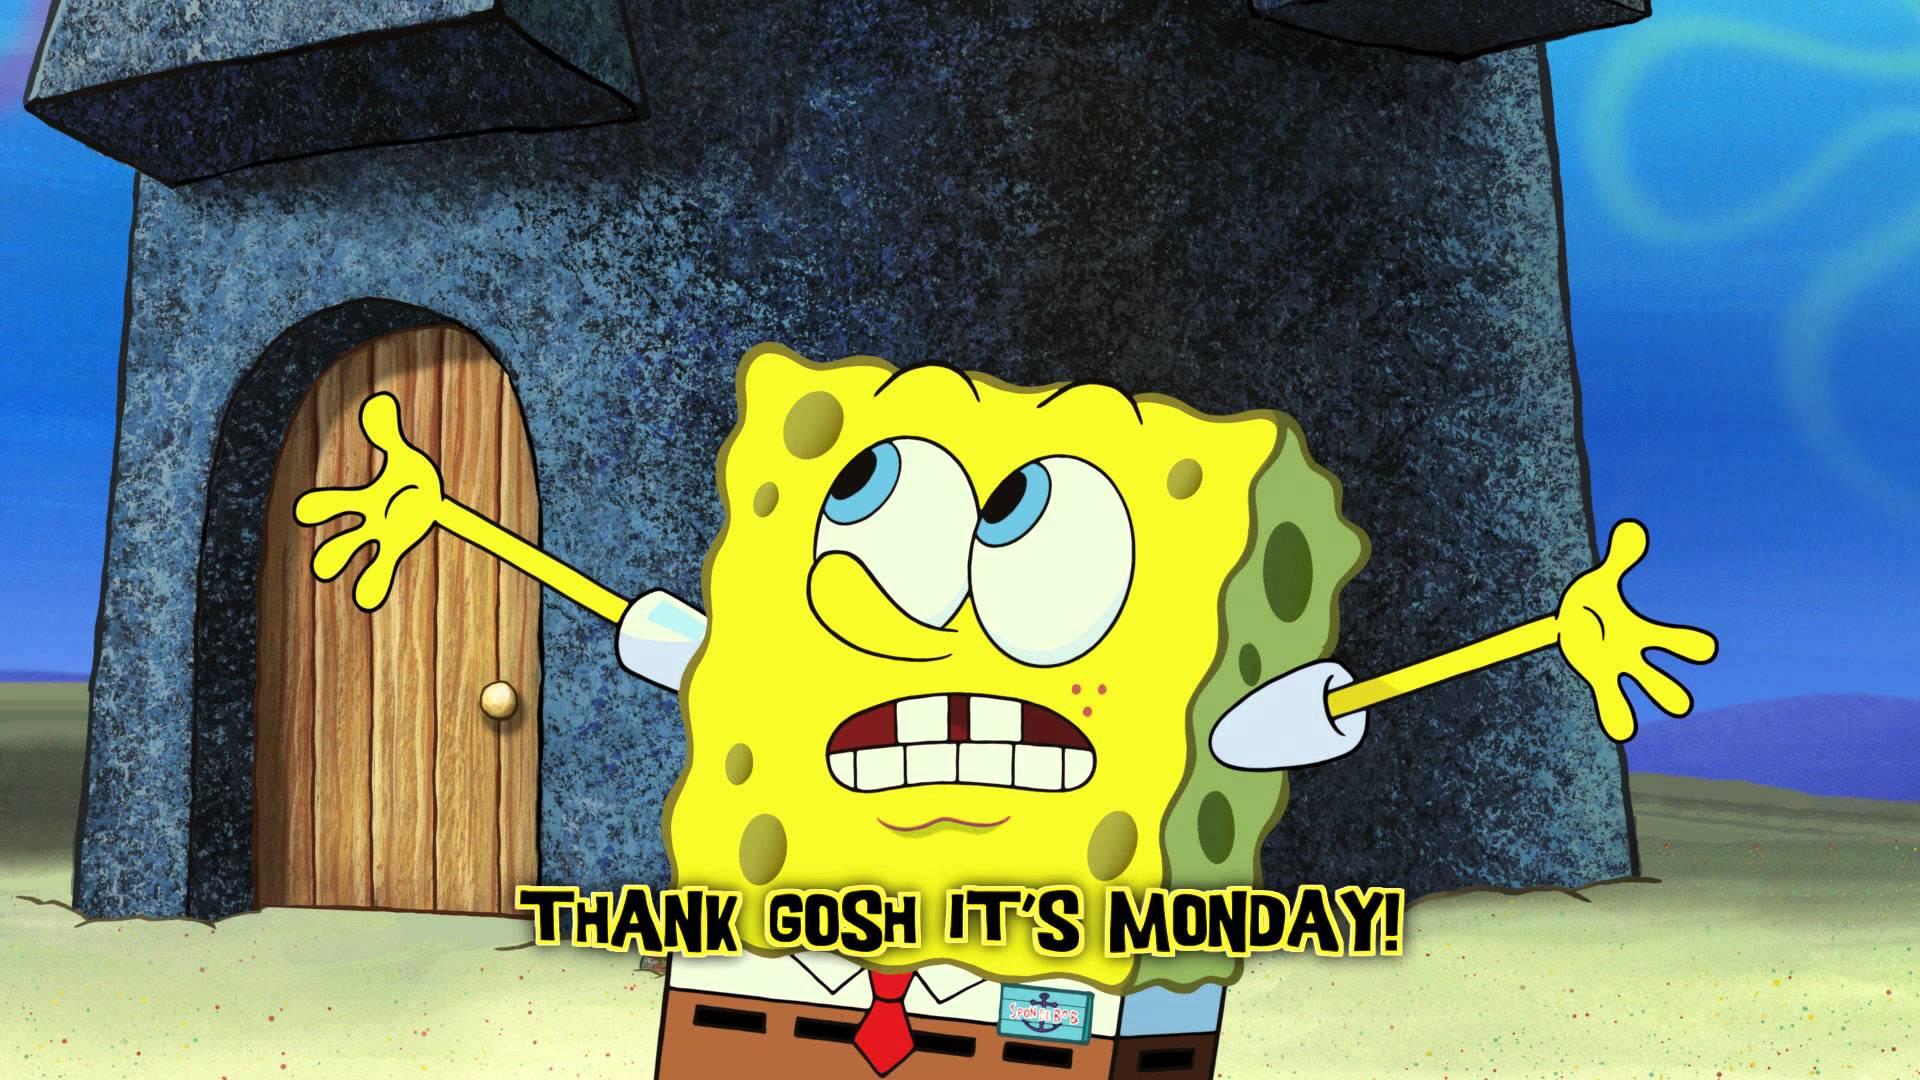 「海綿寶寶之歌:快樂星期一」- Thank Gosh It's Monday